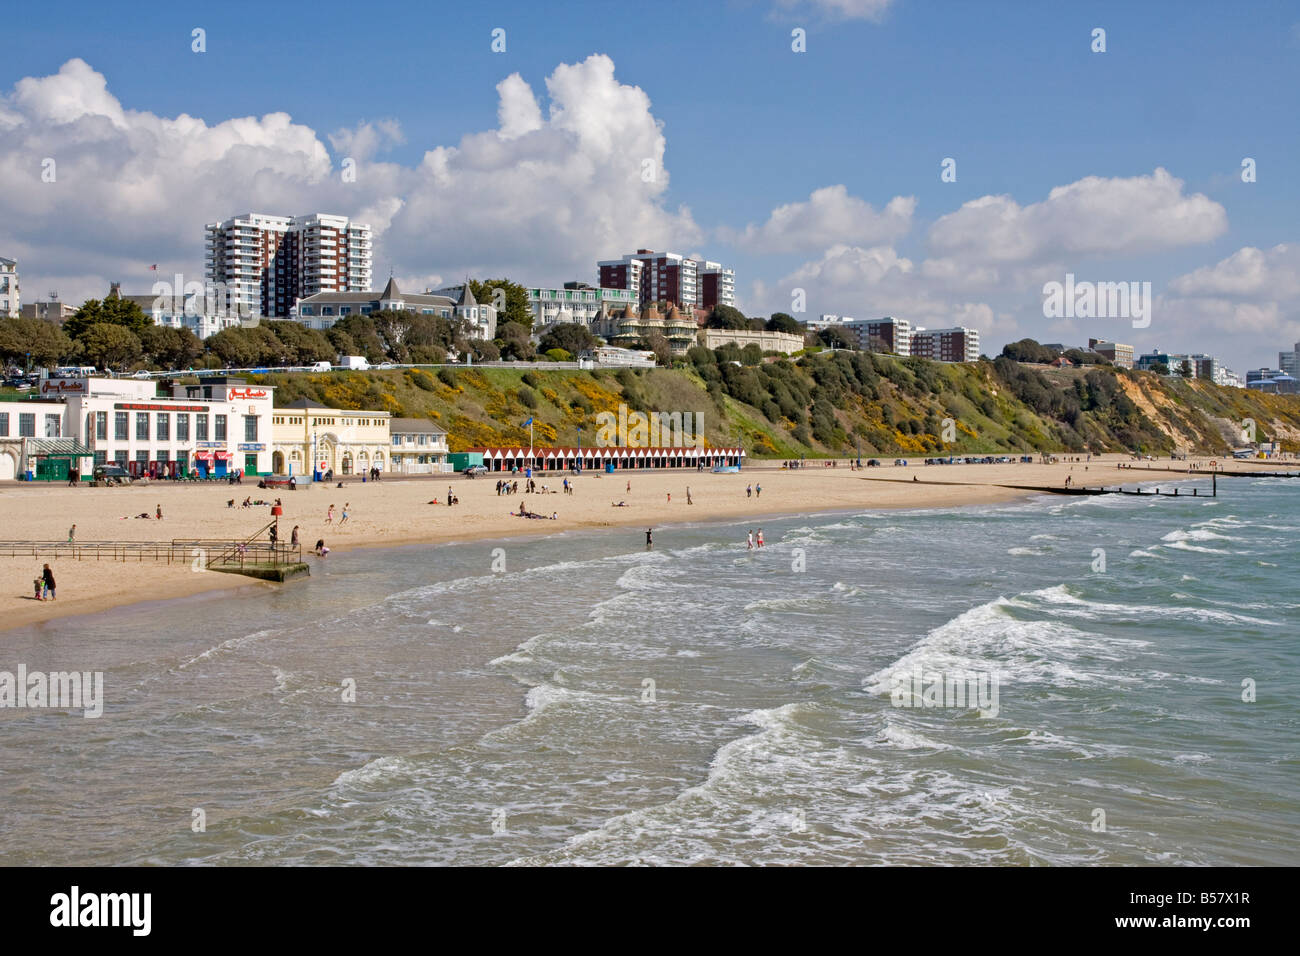 Osten Klippen und Strand, Bournemouth, Dorset, England, Vereinigtes Königreich, Europa Stockbild